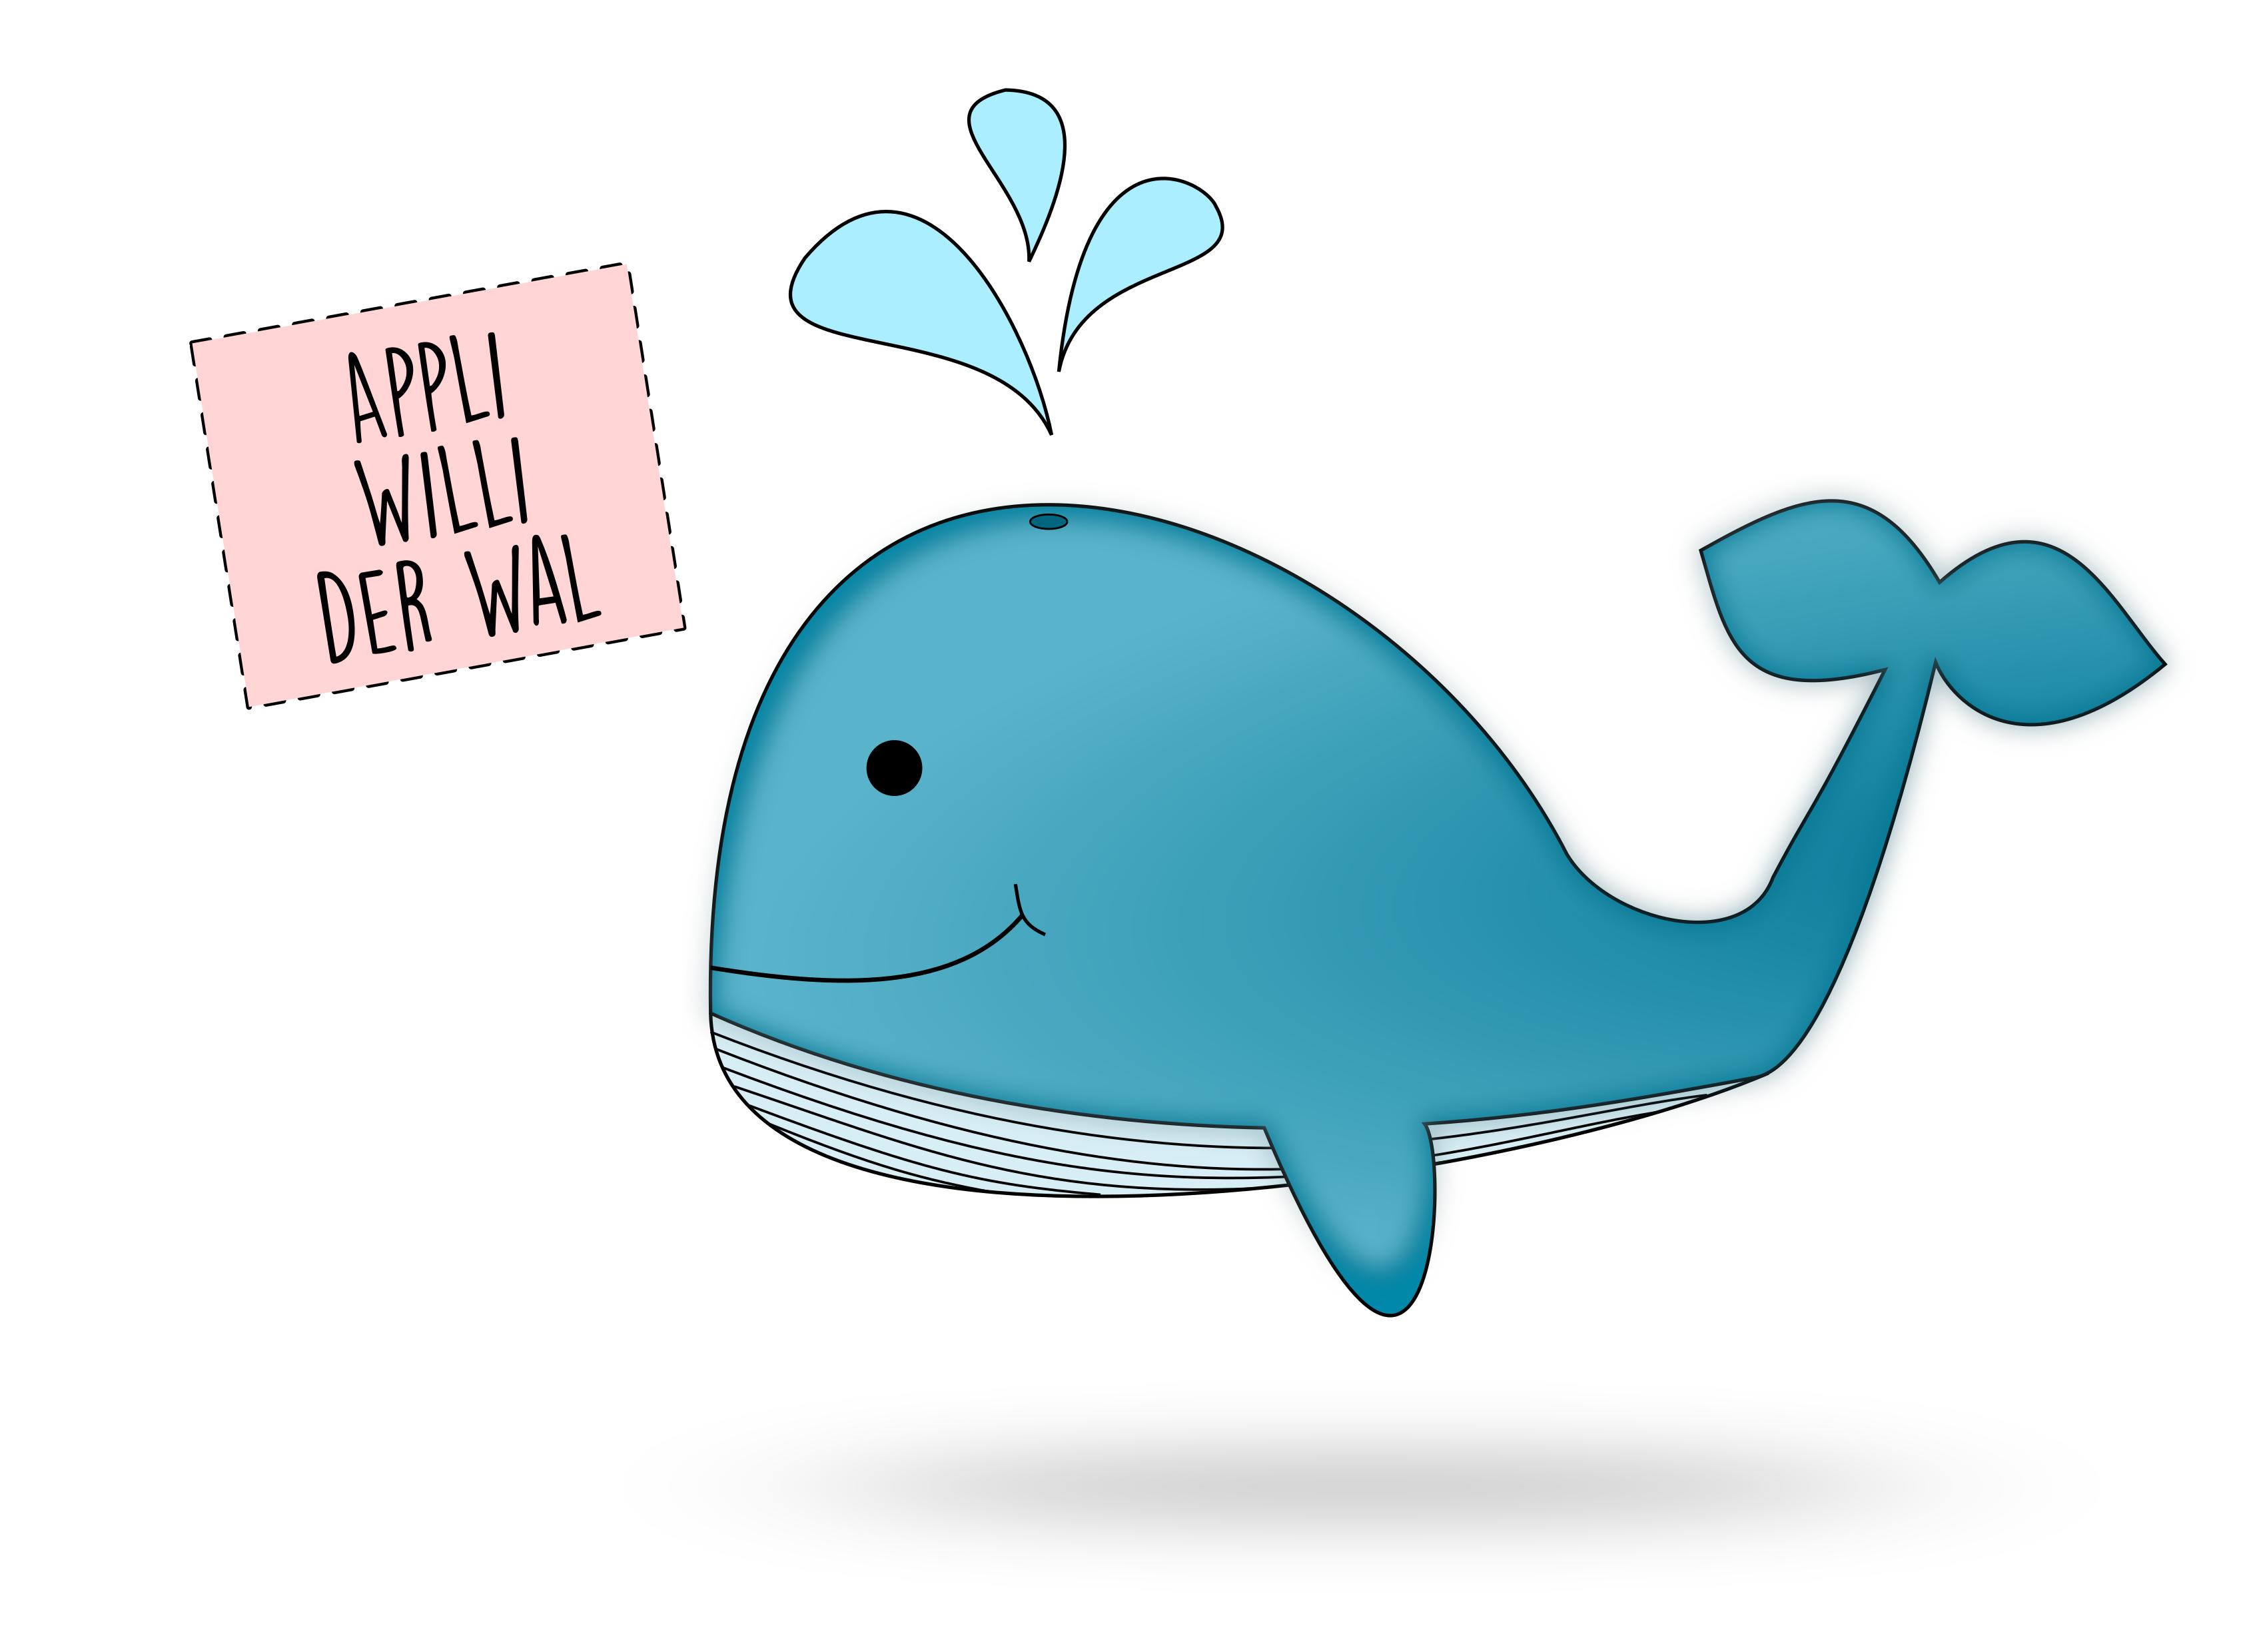 Applikationsvorlage Willi der Wal